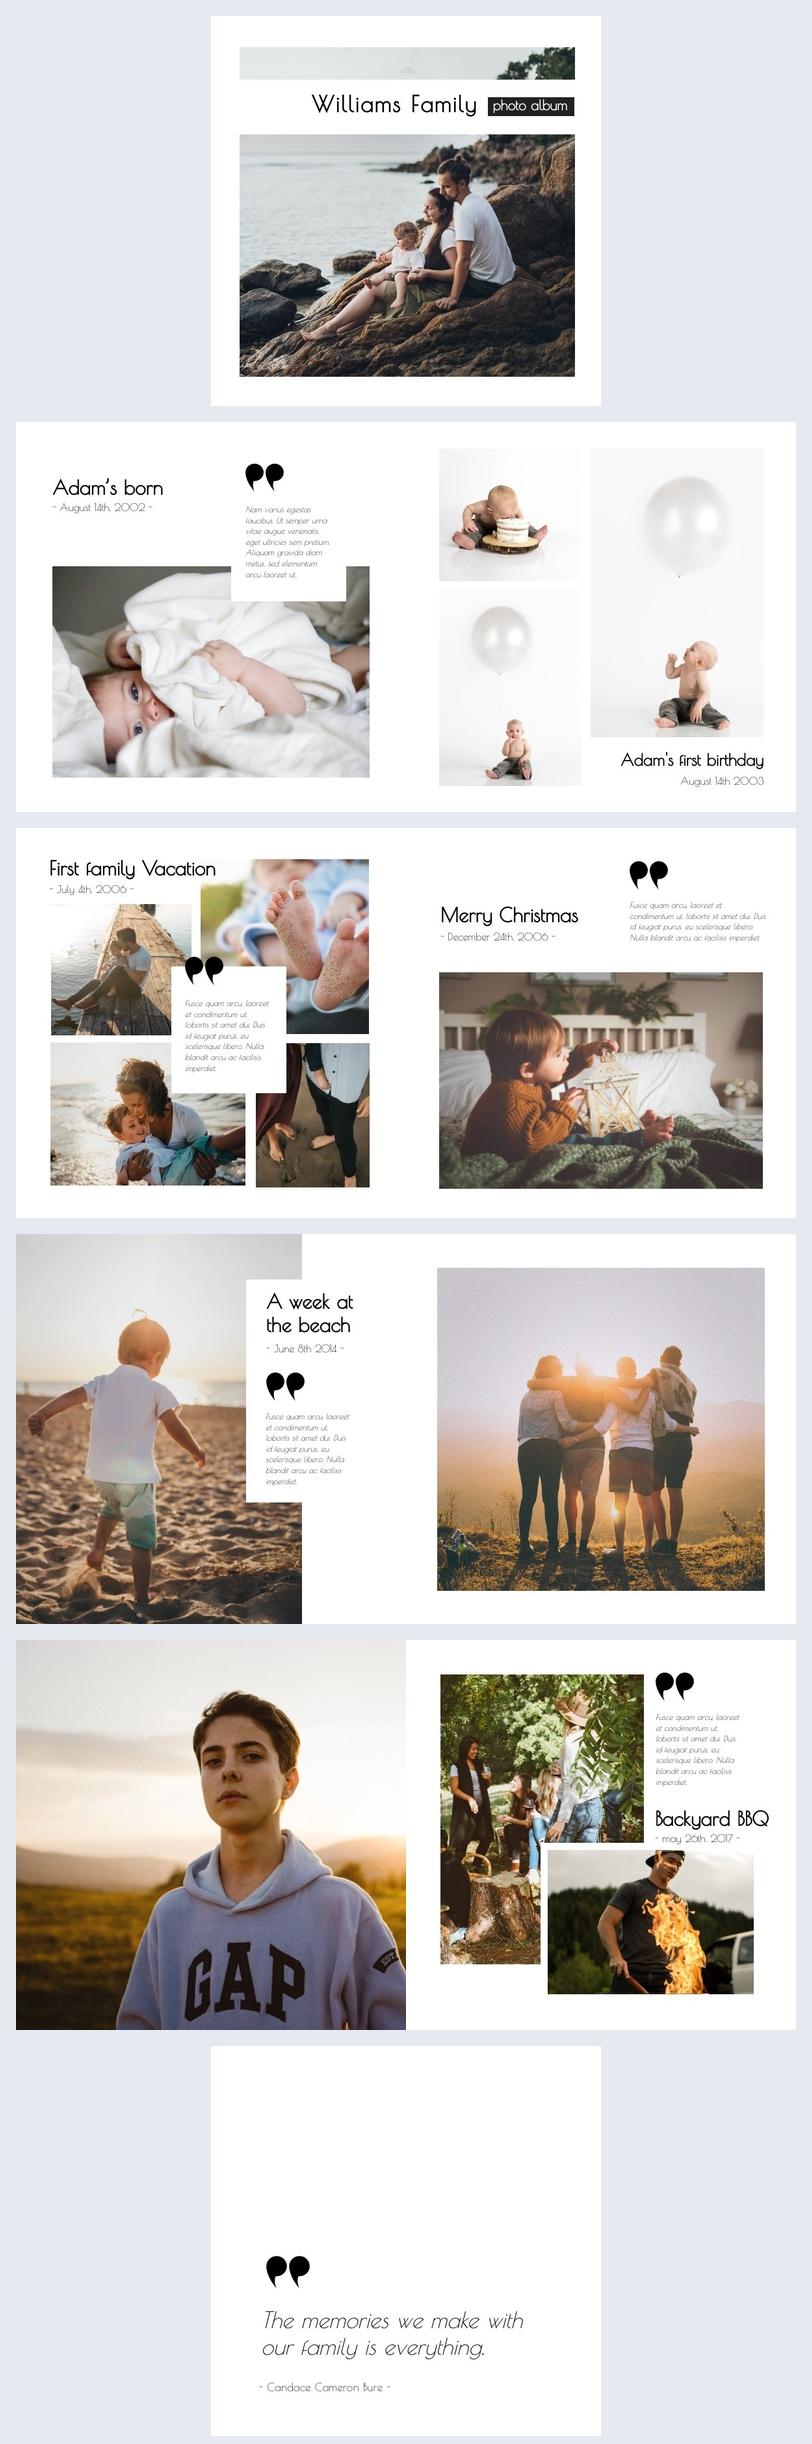 Esempio di modello online per album fotografico di famiglia